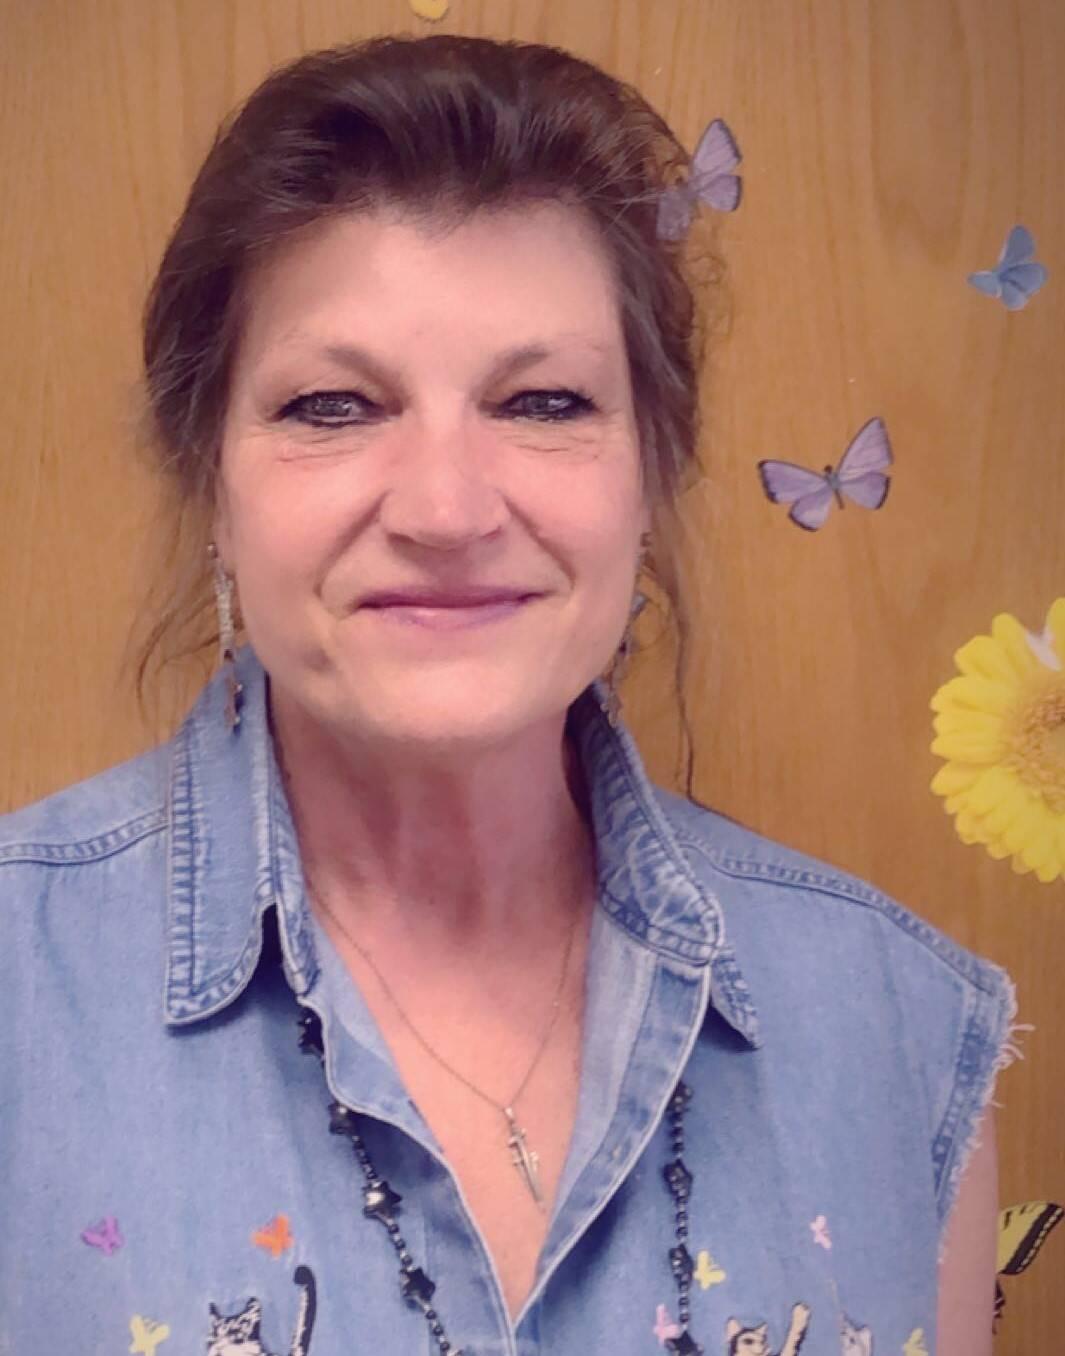 Ms. Kolander